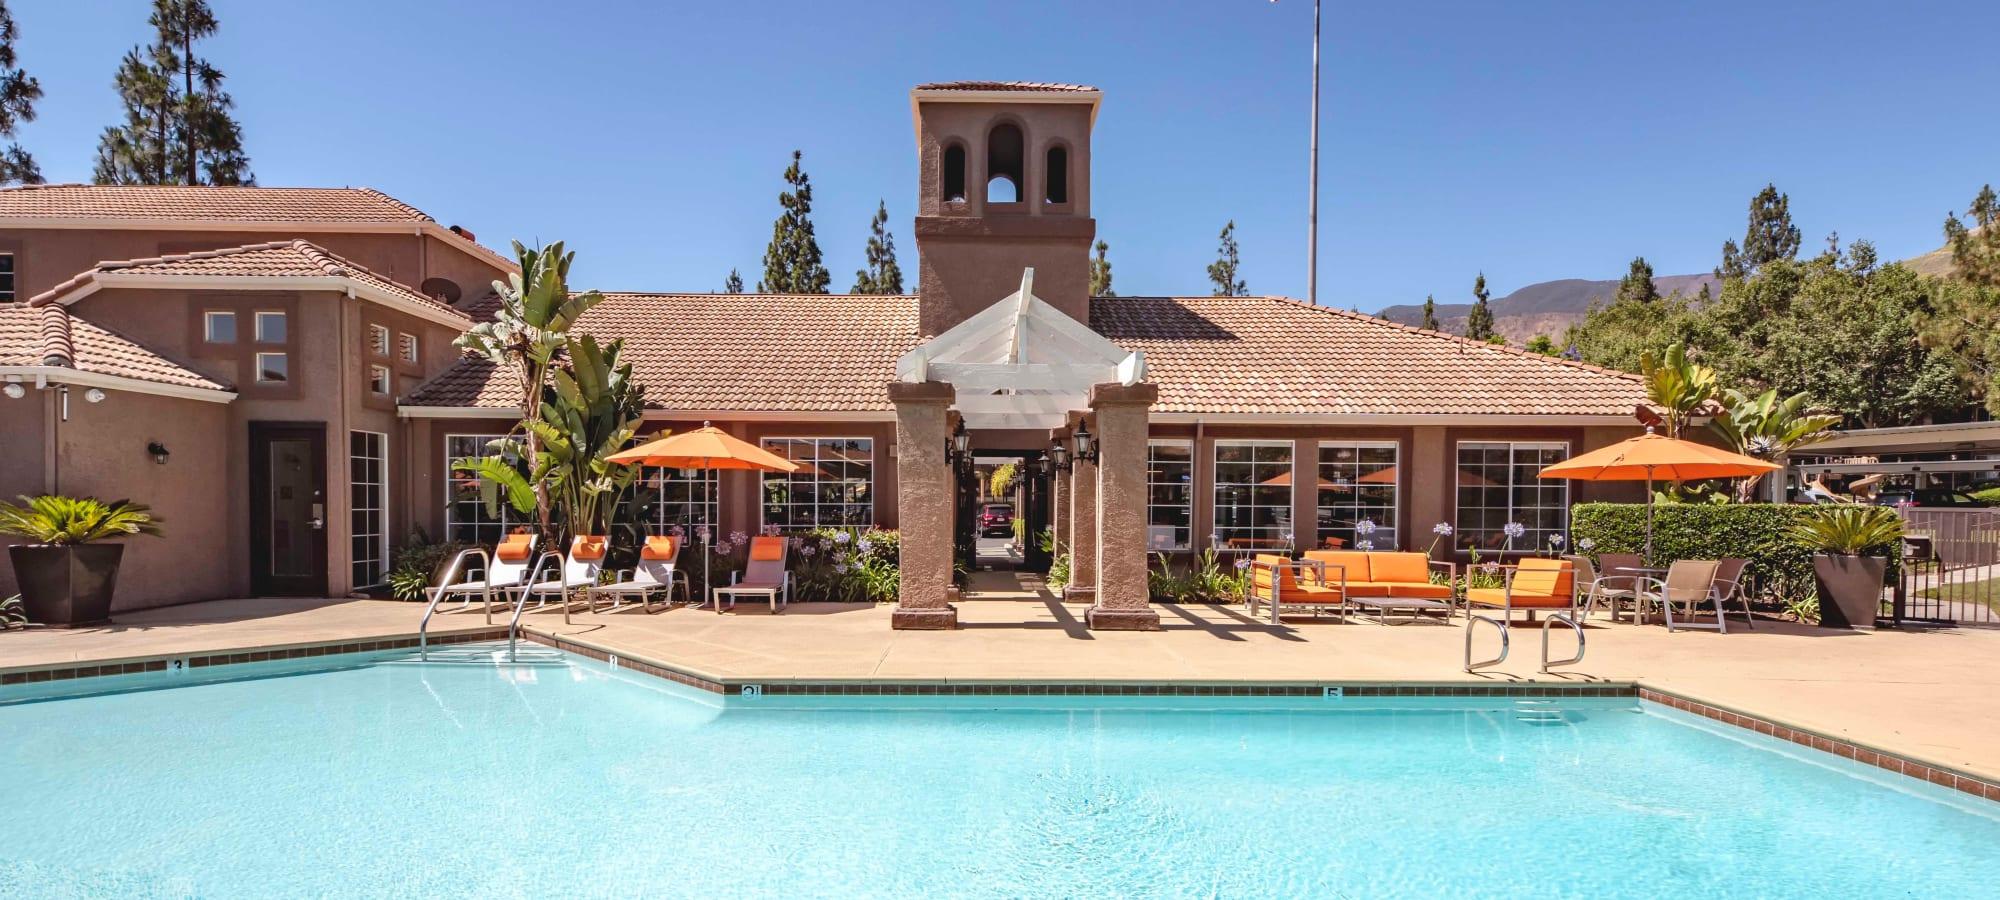 Sierra Del Oro Apartments in Corona, California